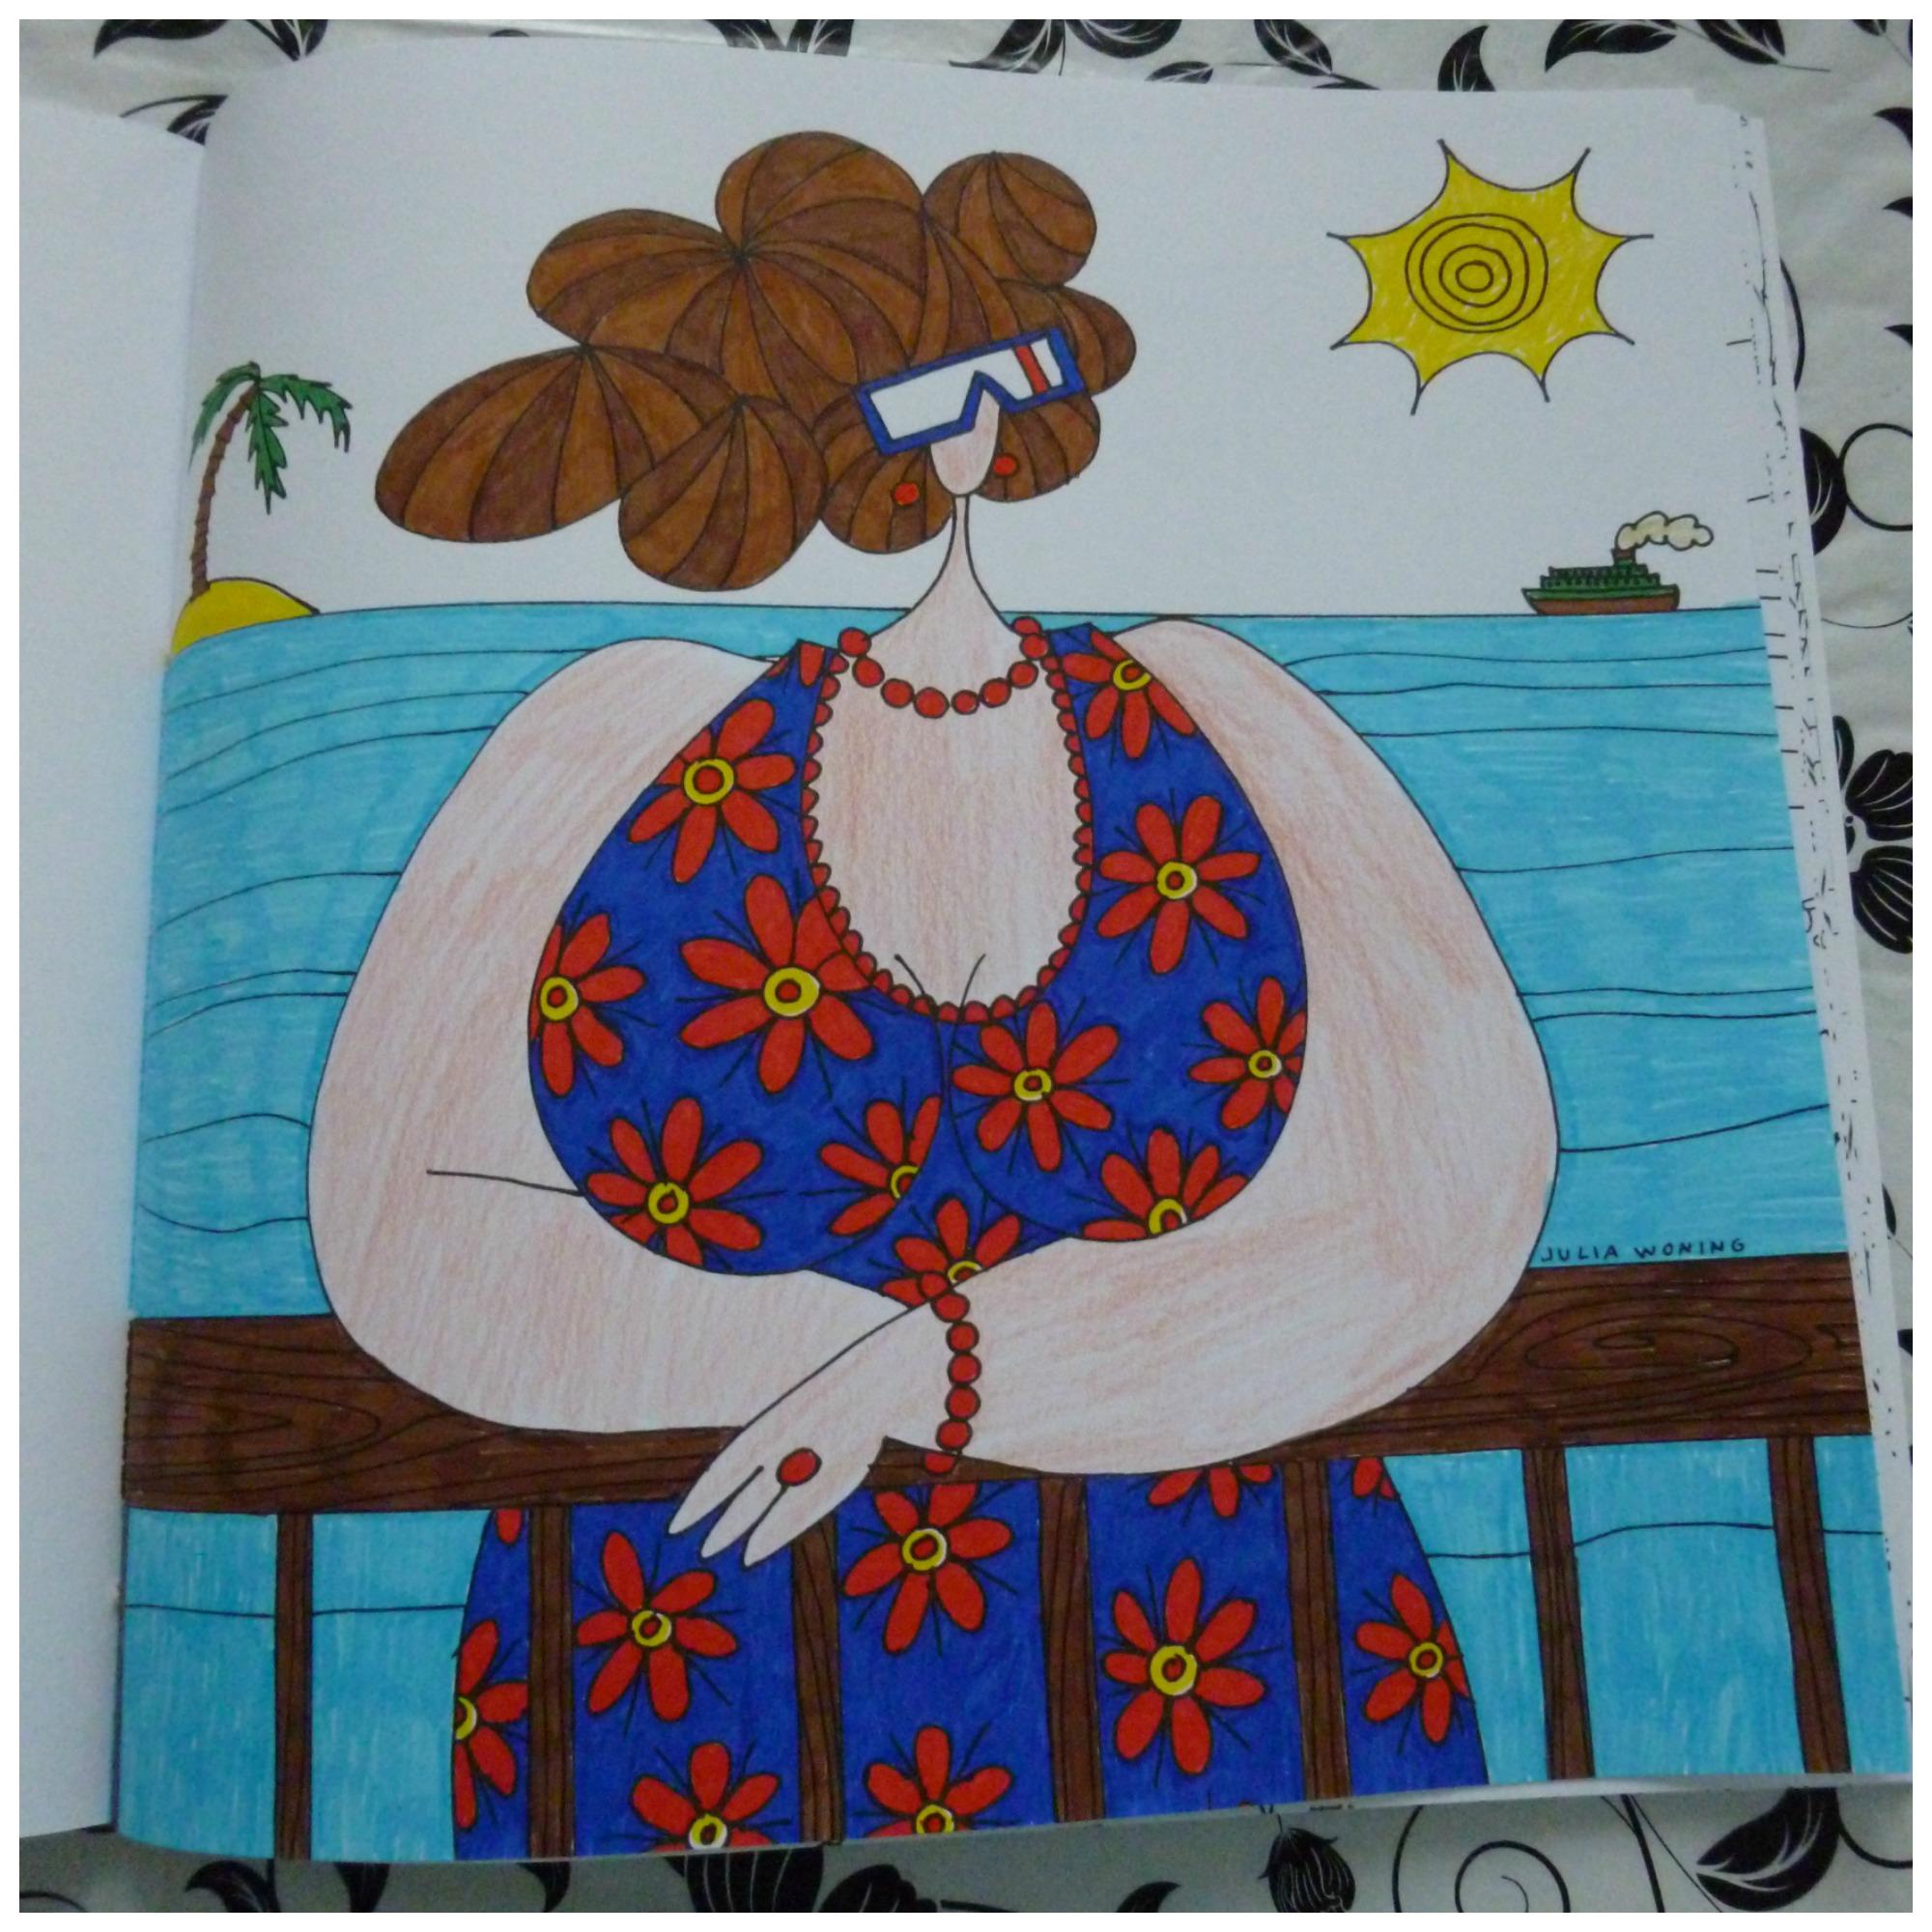 Kleurplaten Voor Volwassenen Op Reis.Het Enige Echte Dikke Dames Op Reis Xxl Kleurboek Recensie